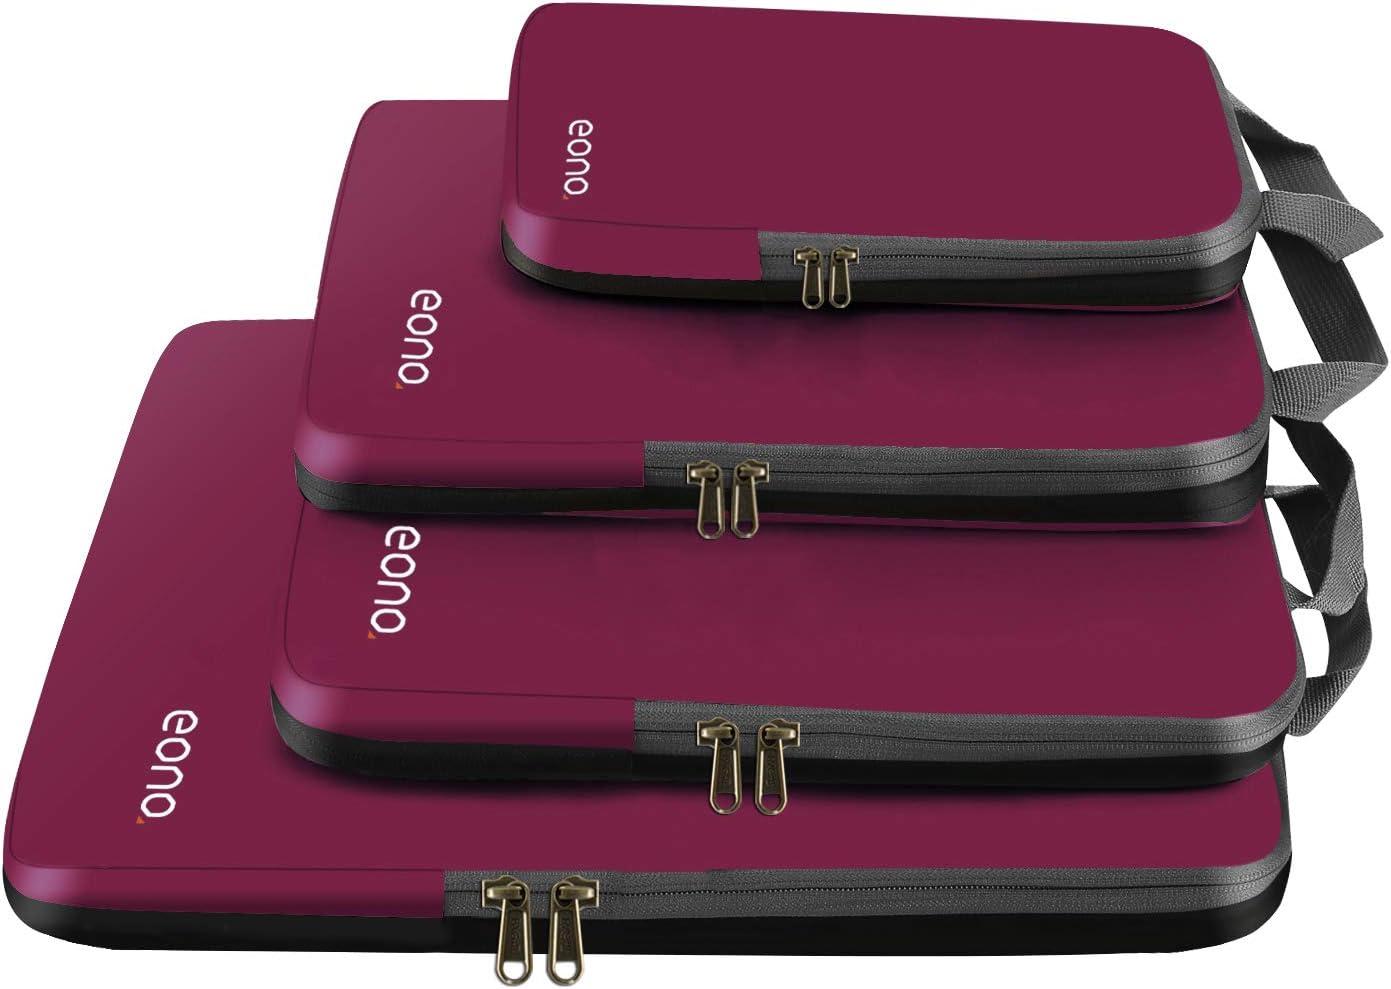 Eono by Amazon - Organizadores de Viaje de compresión expandibles, Impermeable Organizador para Maletas, Organizador de Equipaje, Cubos de Embalaje, Compression Packing Cubes, Borgoña, 4 Set